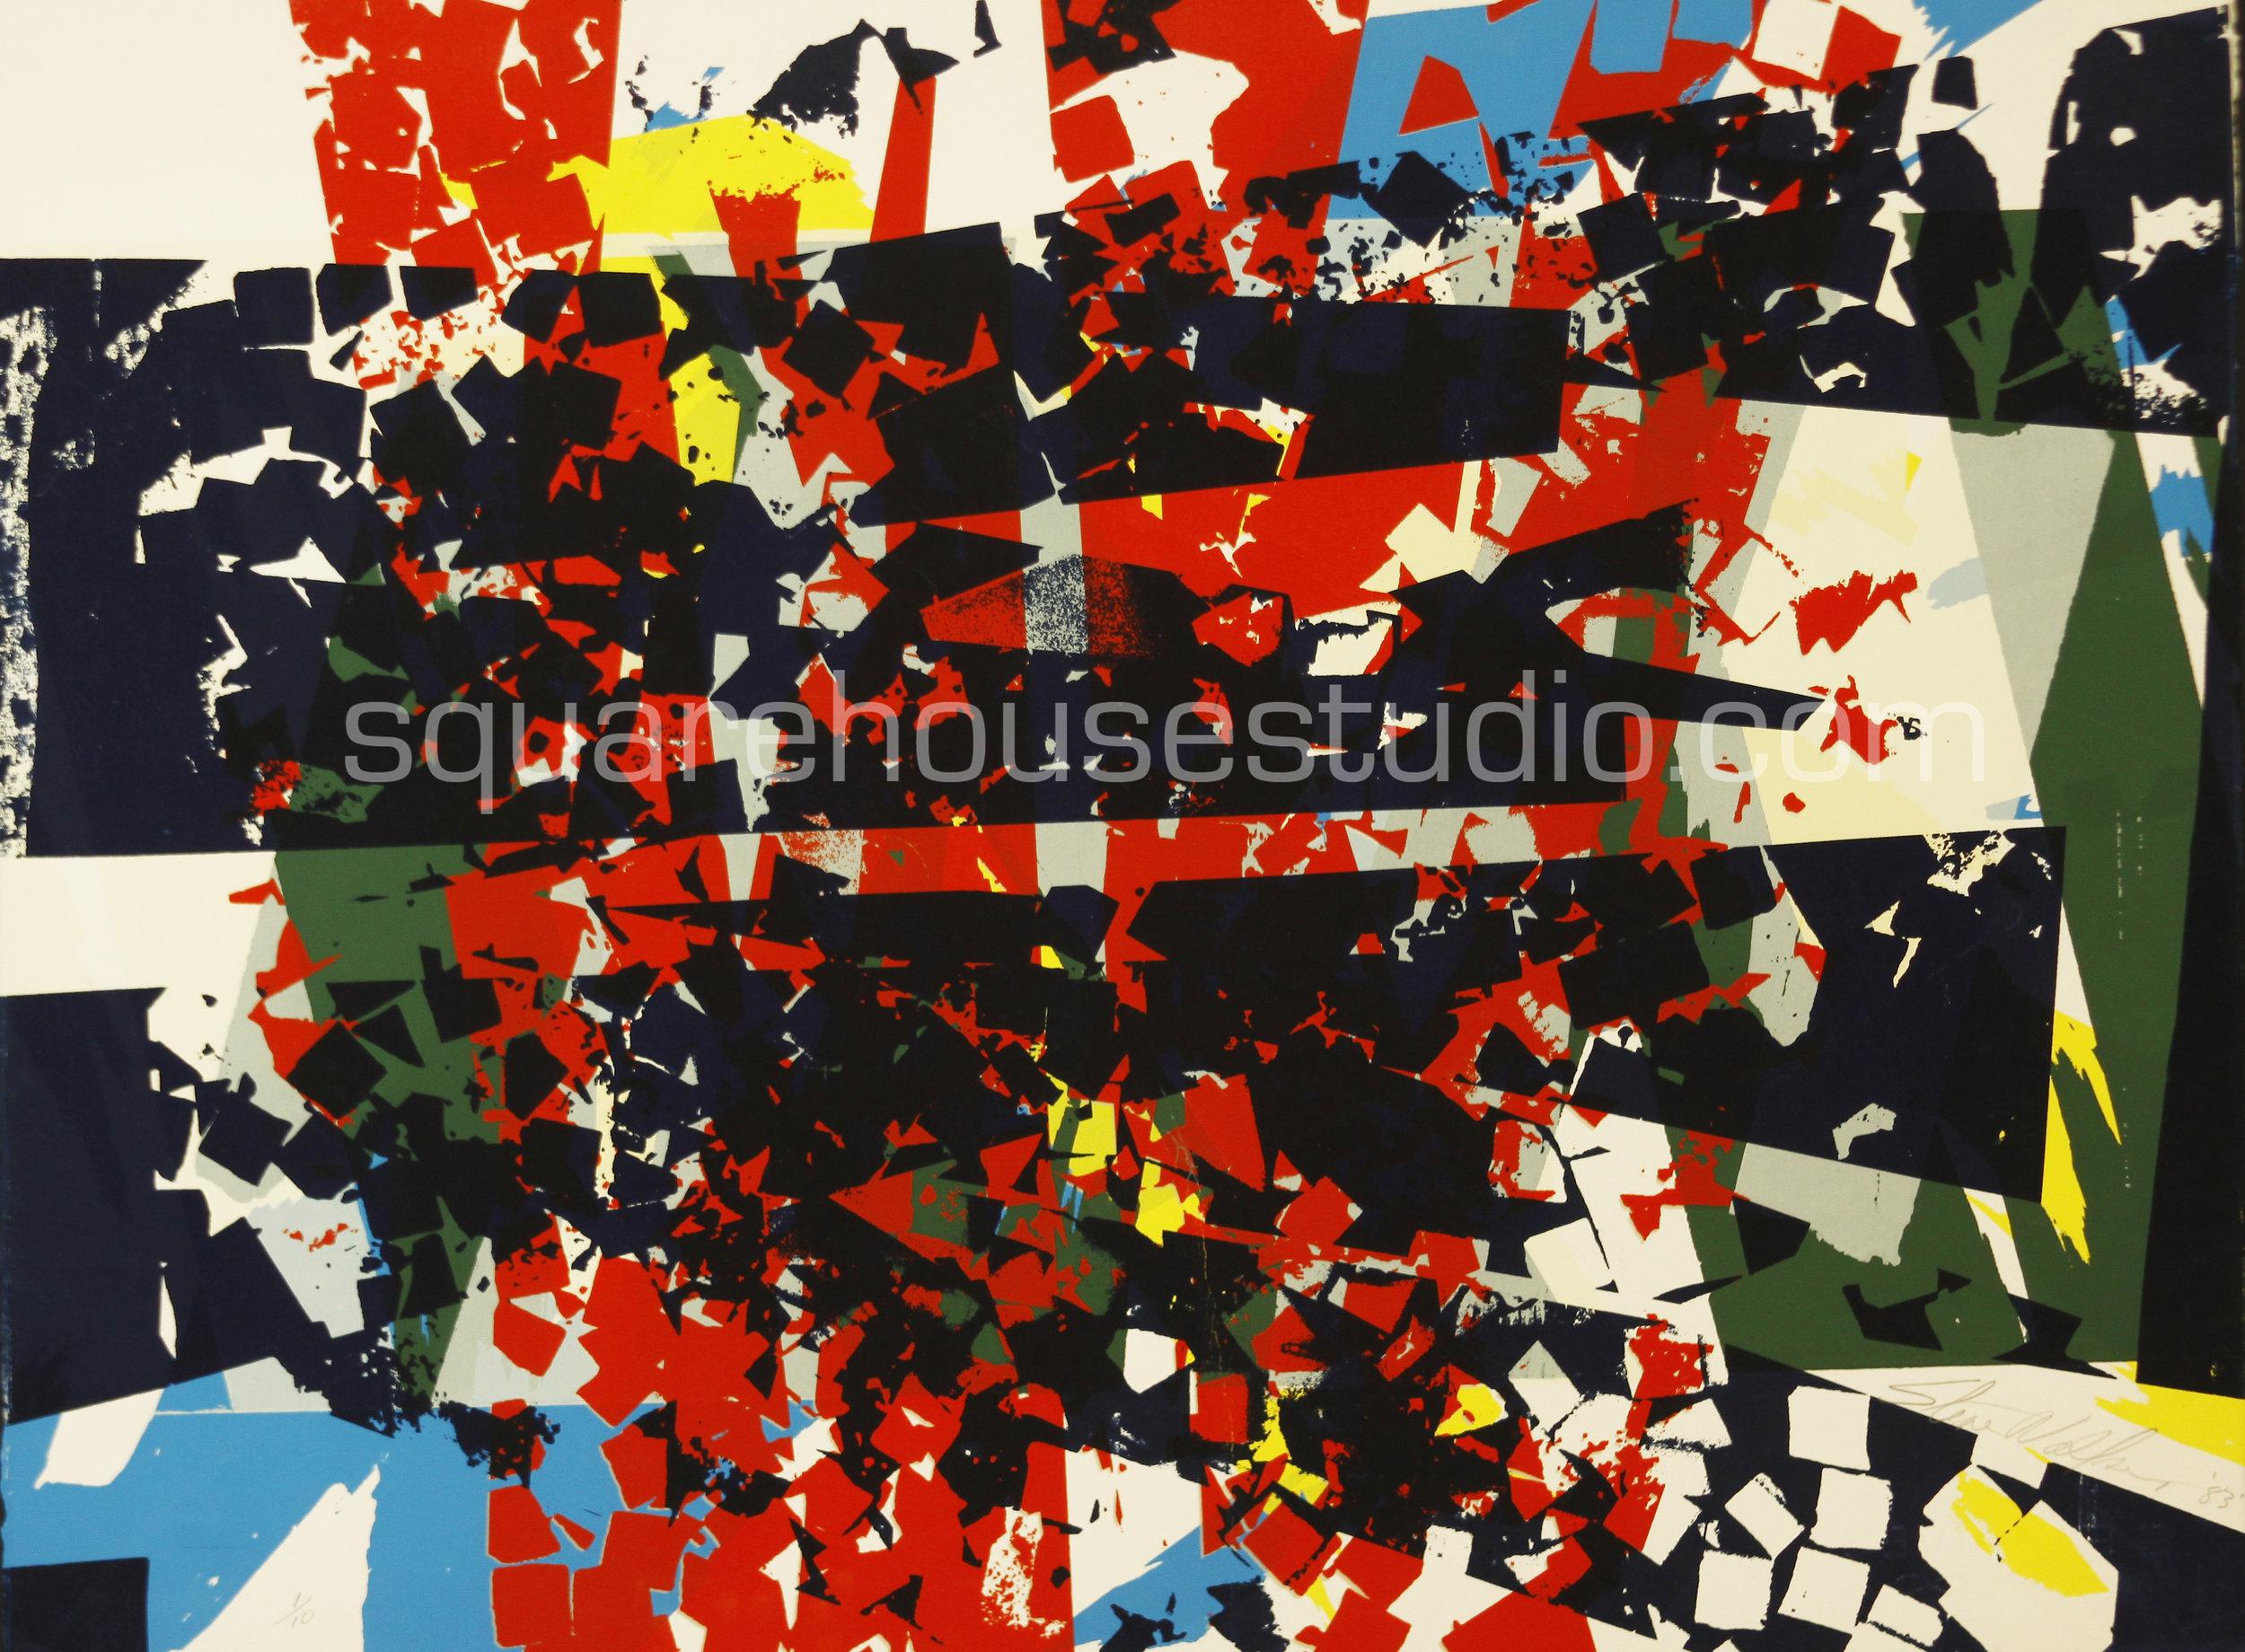 """Shattered Squares , 22"""" x 32,"""" original edition, $625 framed / $475 unframed, Available as giclée print—$450 framed / $300 unframed"""